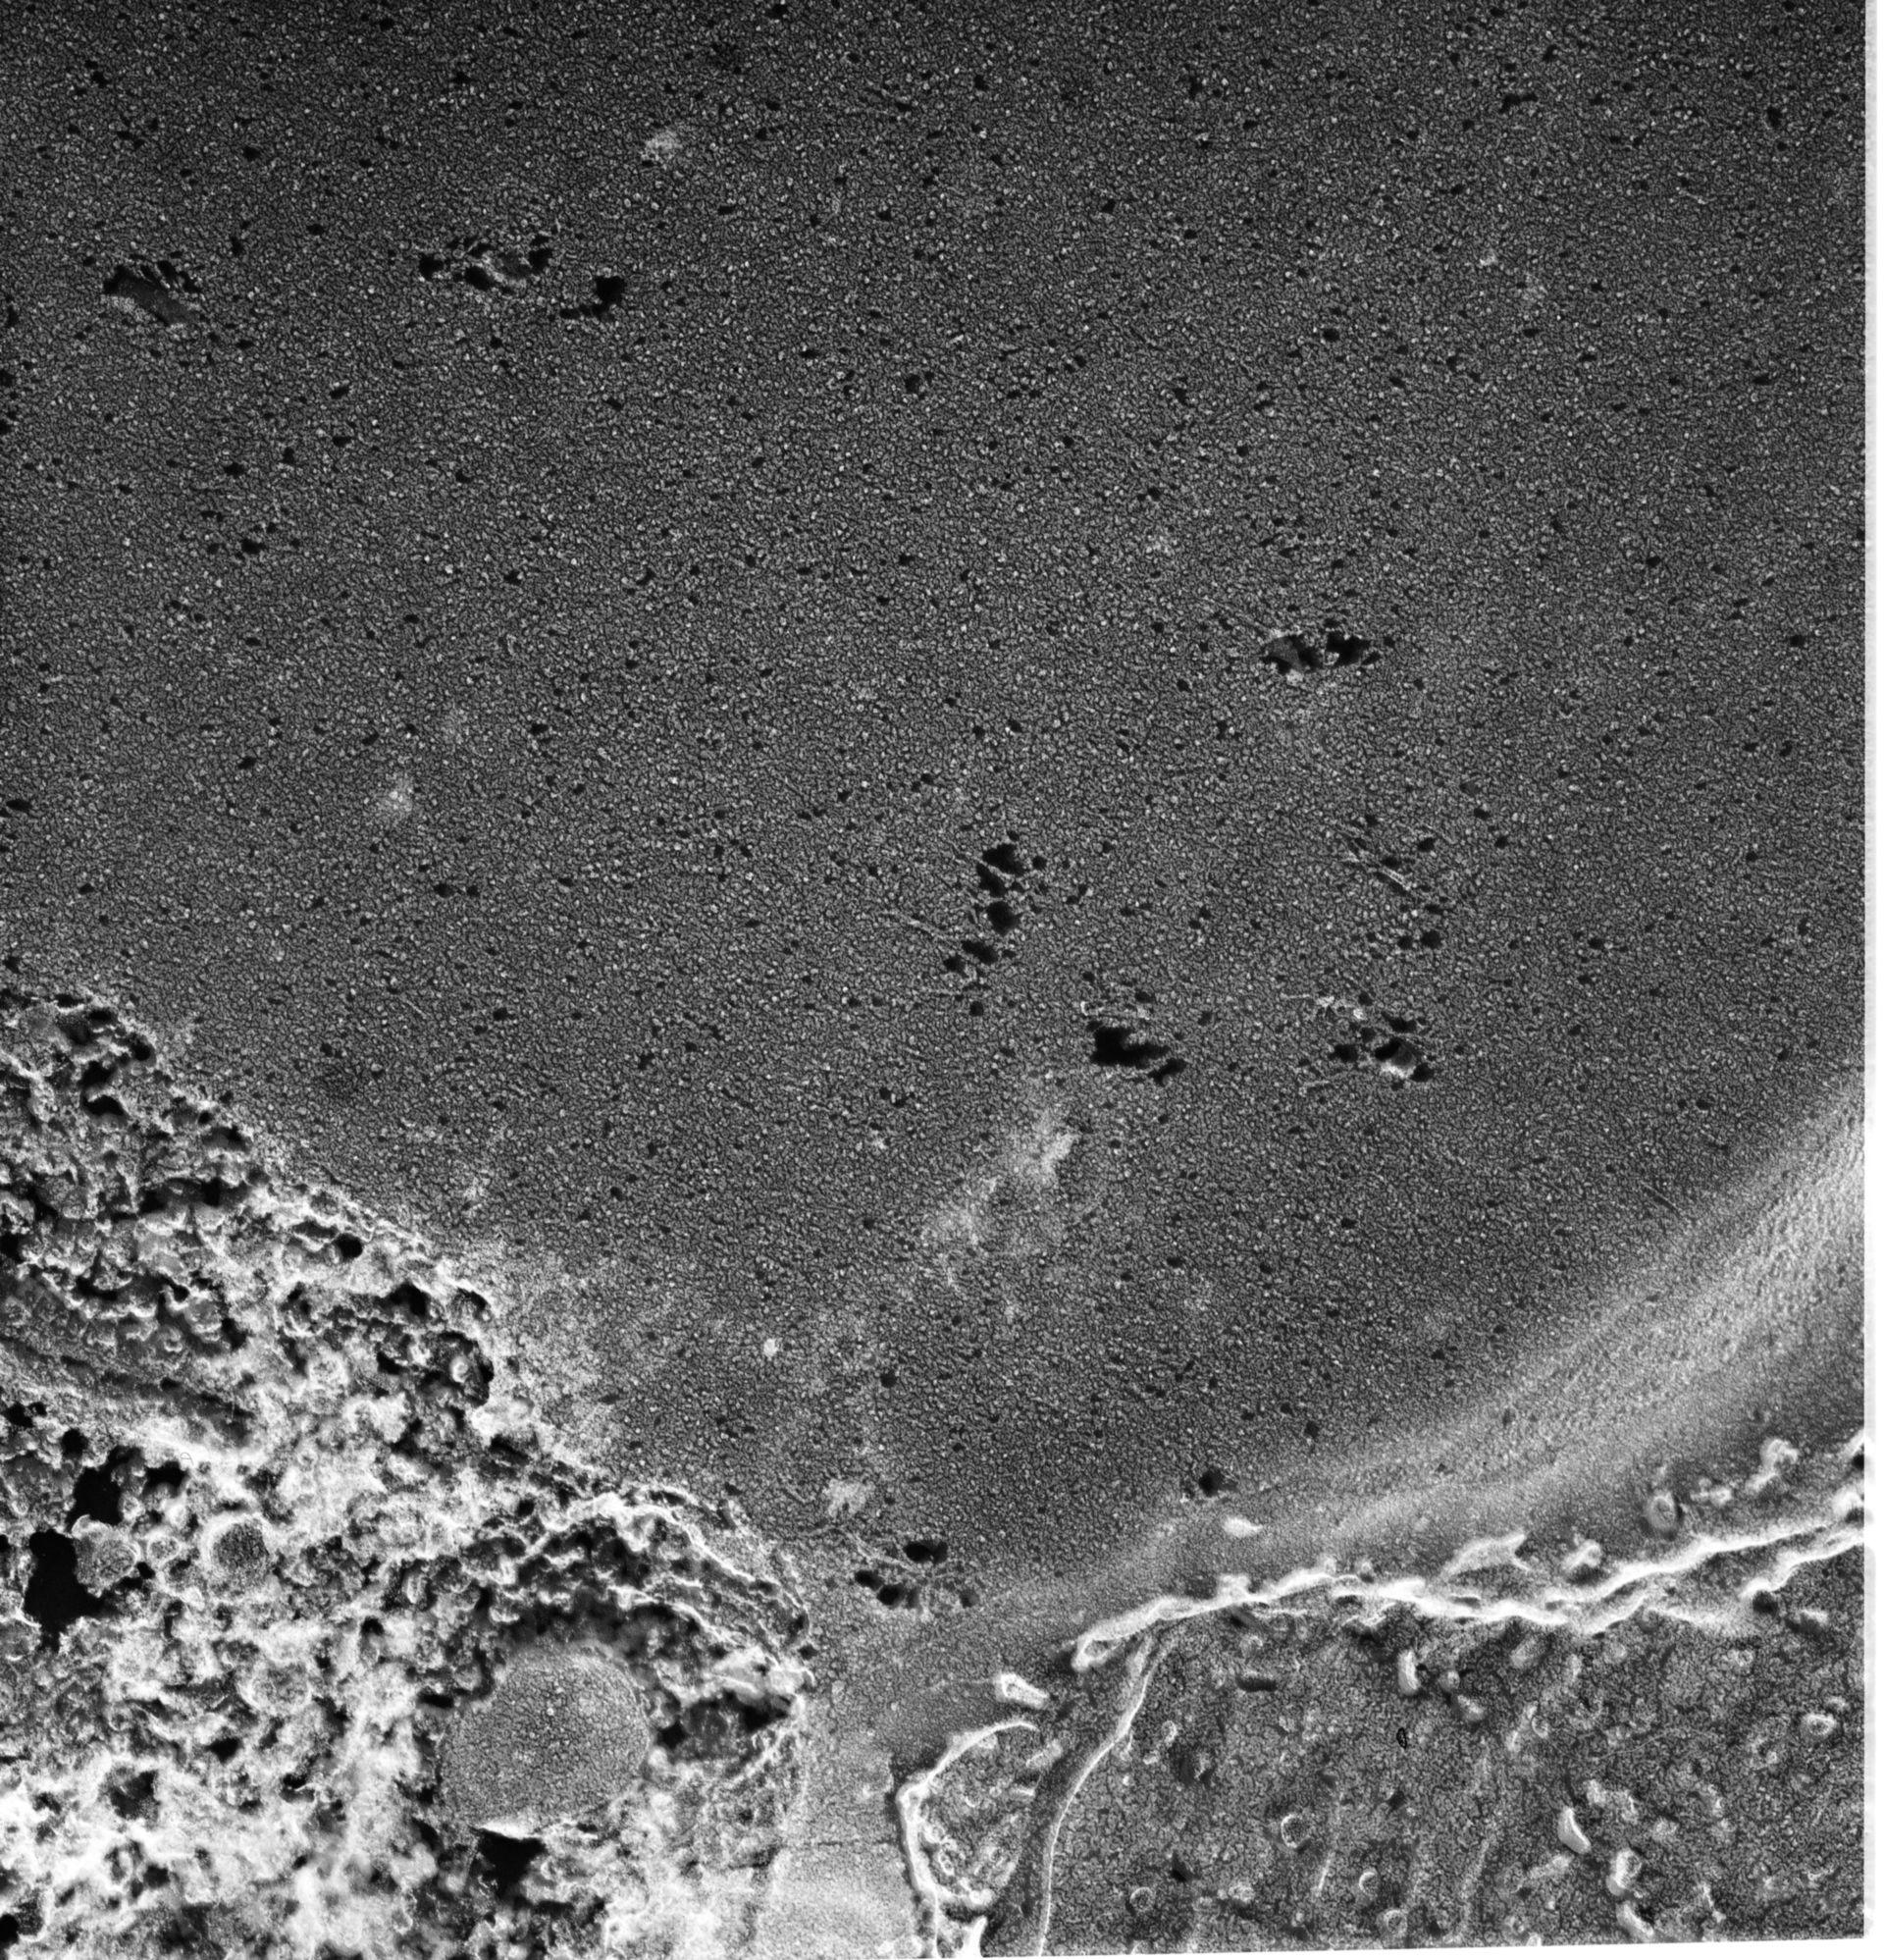 Paramecium multimicronucleatum (membrana vacuolare contrattile) - CIL:13128